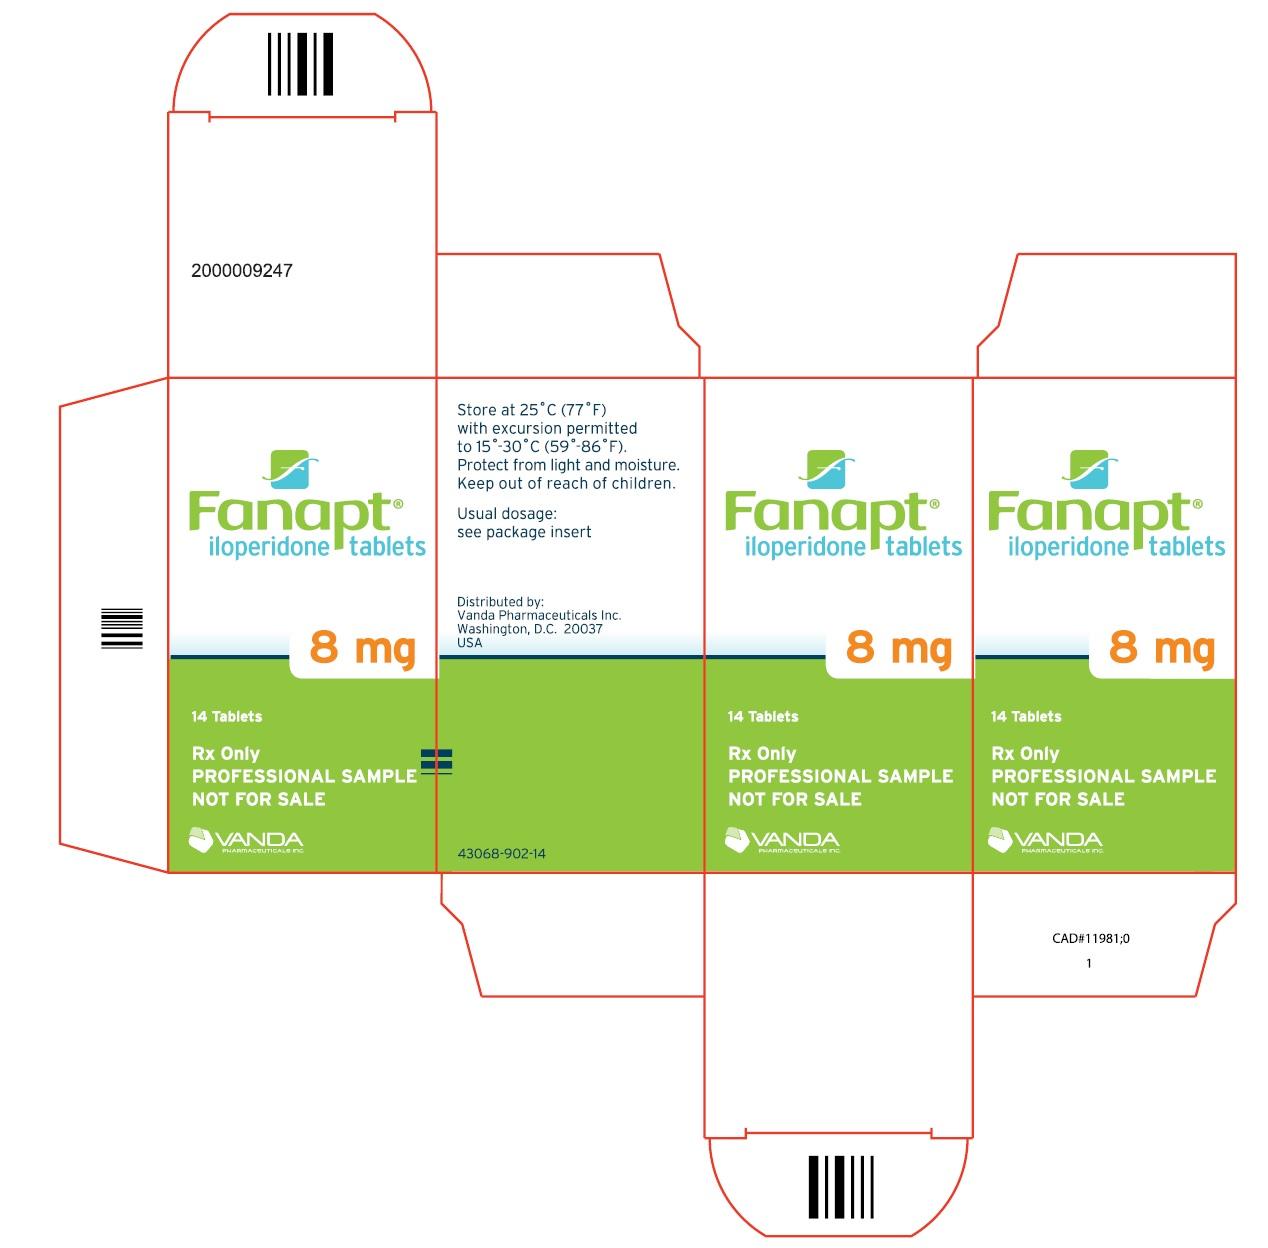 PRINCIPAL DISPLAY PANEL - 8mg carton